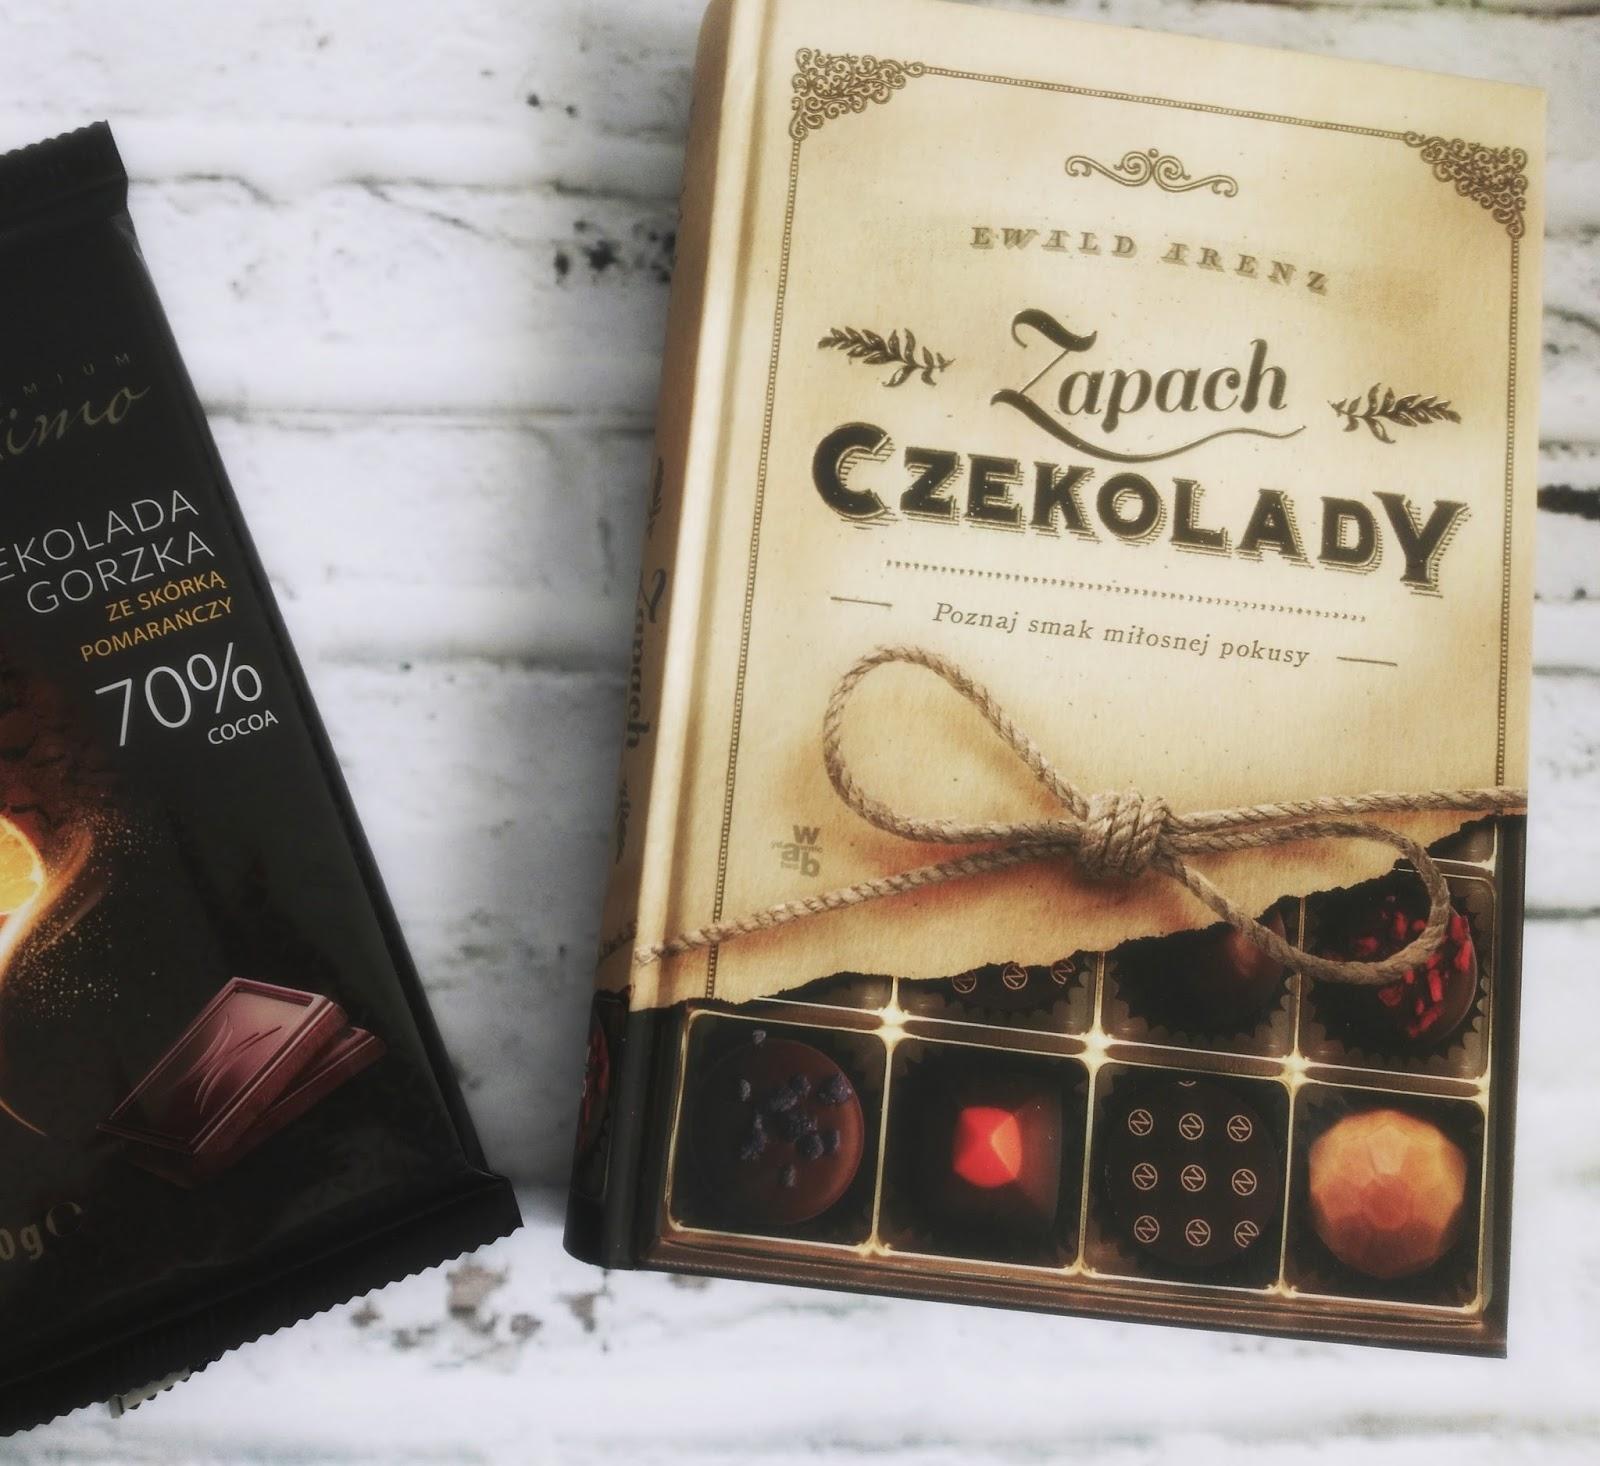 Zapach czekolady - Ewald Arenz- recenzja